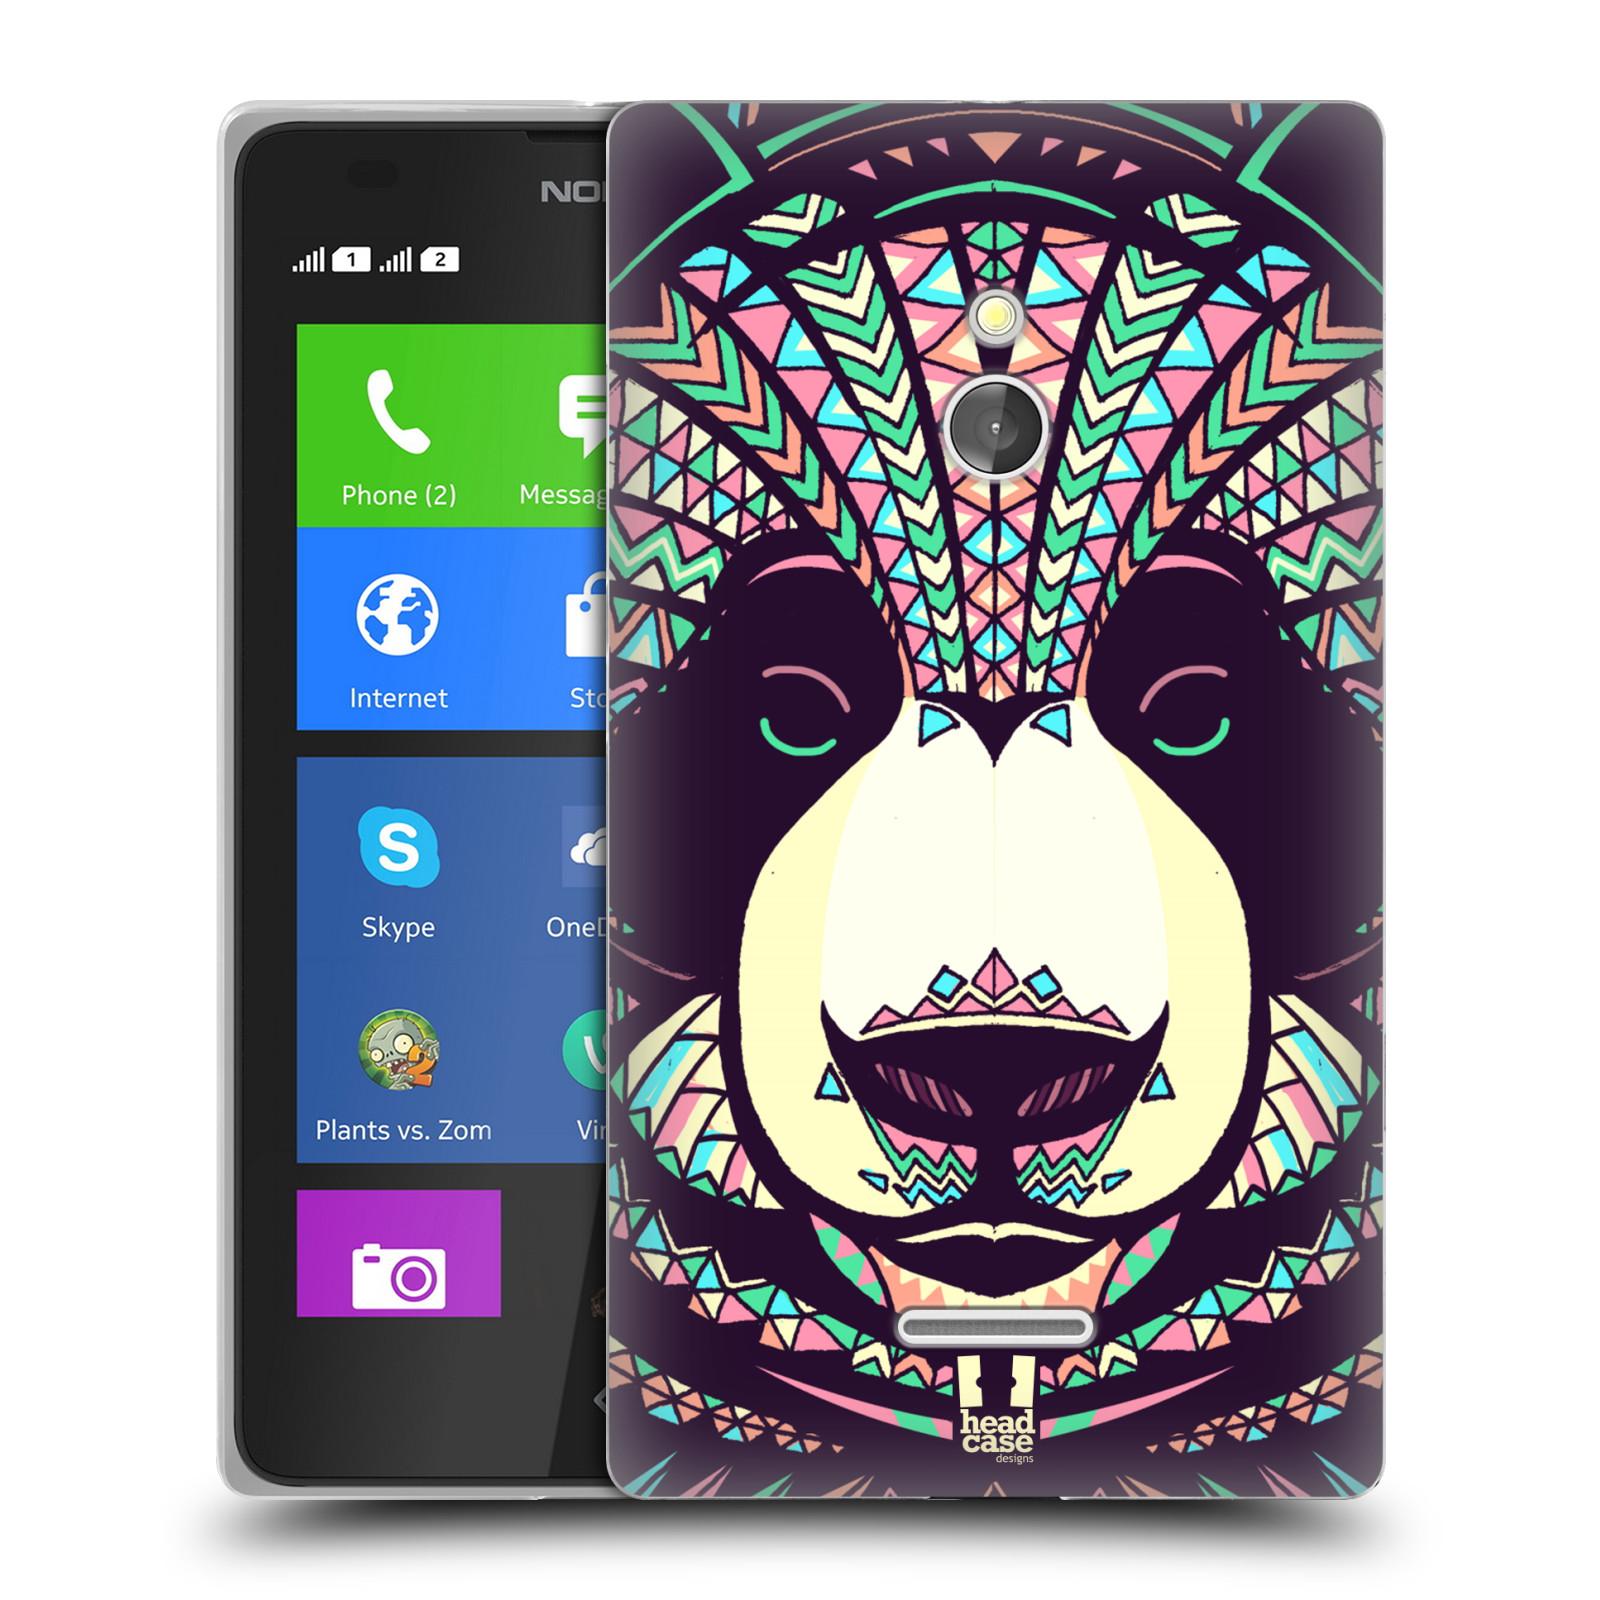 HEAD CASE silikonový obal na mobil NOKIA XL / NOKIA XL DUAL SIM vzor Aztécký motiv zvíře 3 panda